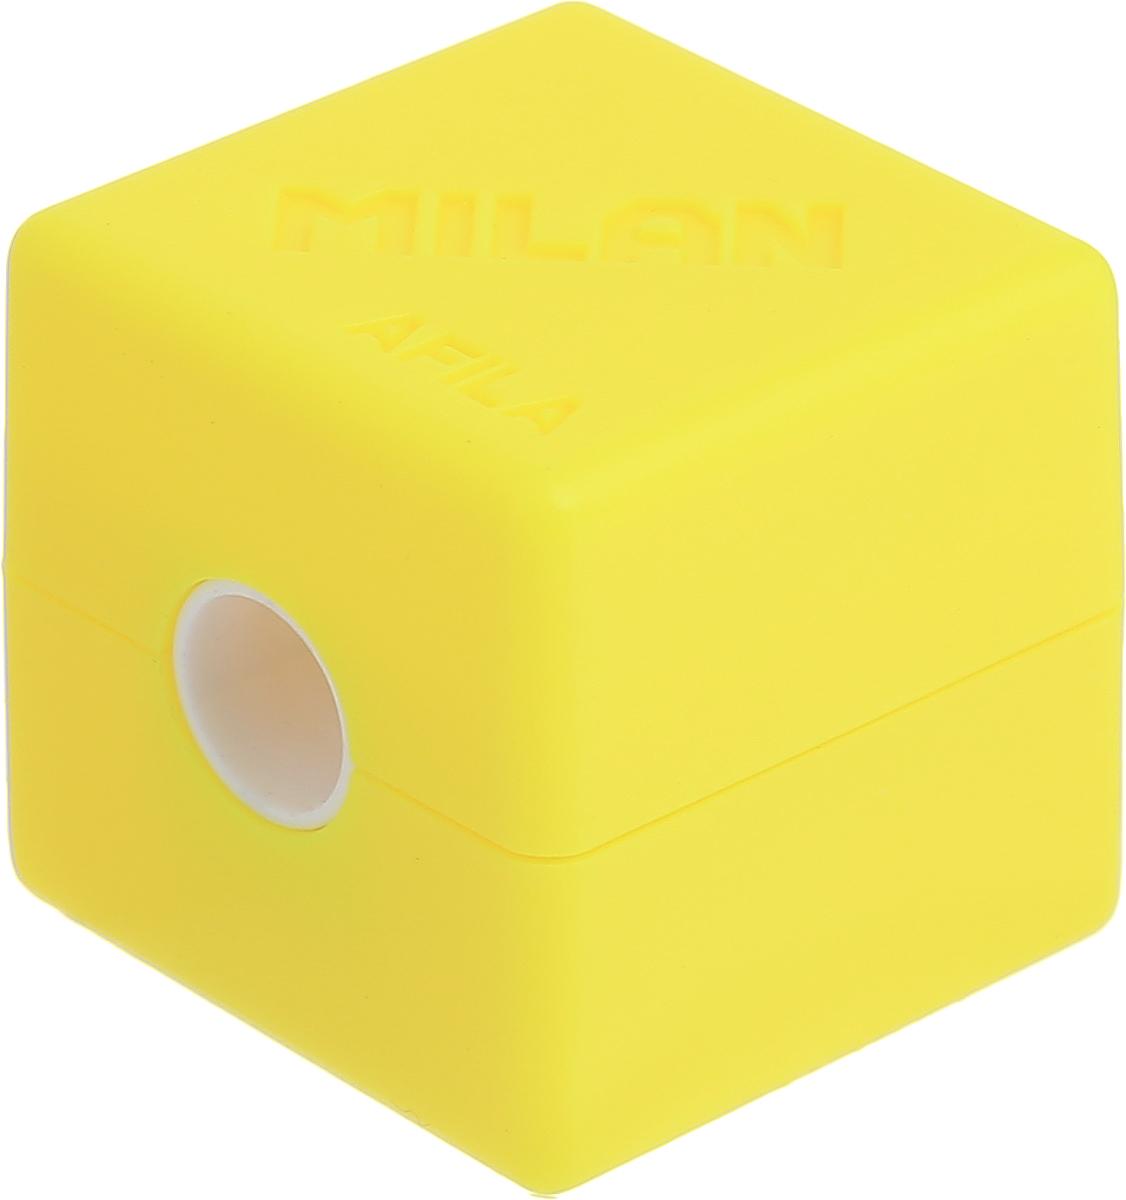 Milan Точилка Cubic с контейнером цвет желтый20154216_желтыйКомпактная точилка Milan Cubic с контейнером оснащена безопасной системой заточки. Эта система предотвращает отделение лезвия от точилки. Идеально подходит для использования в школах. Стальное лезвие острое и устойчиво к повреждению. Идеально подходит для заточки графитовых и цветных карандашей